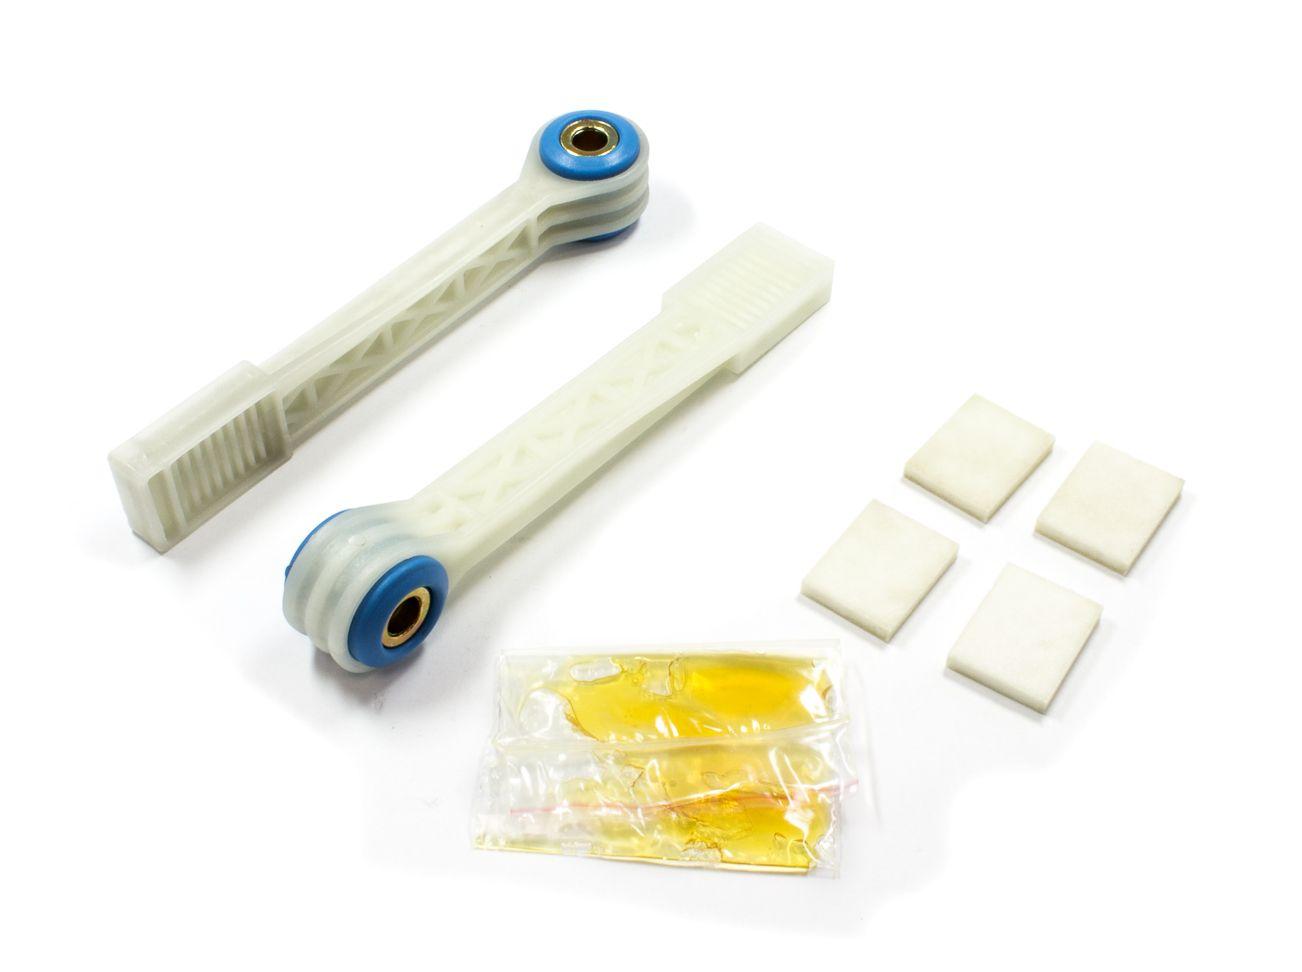 2 ks tlumič pračka Bosch, Siemens bez nutnosti vyjmout a půlit nádrž - lze vyměnit přímo ve stojící pračce bez vrtání - 00448032-00673541 Bosch / Siemens